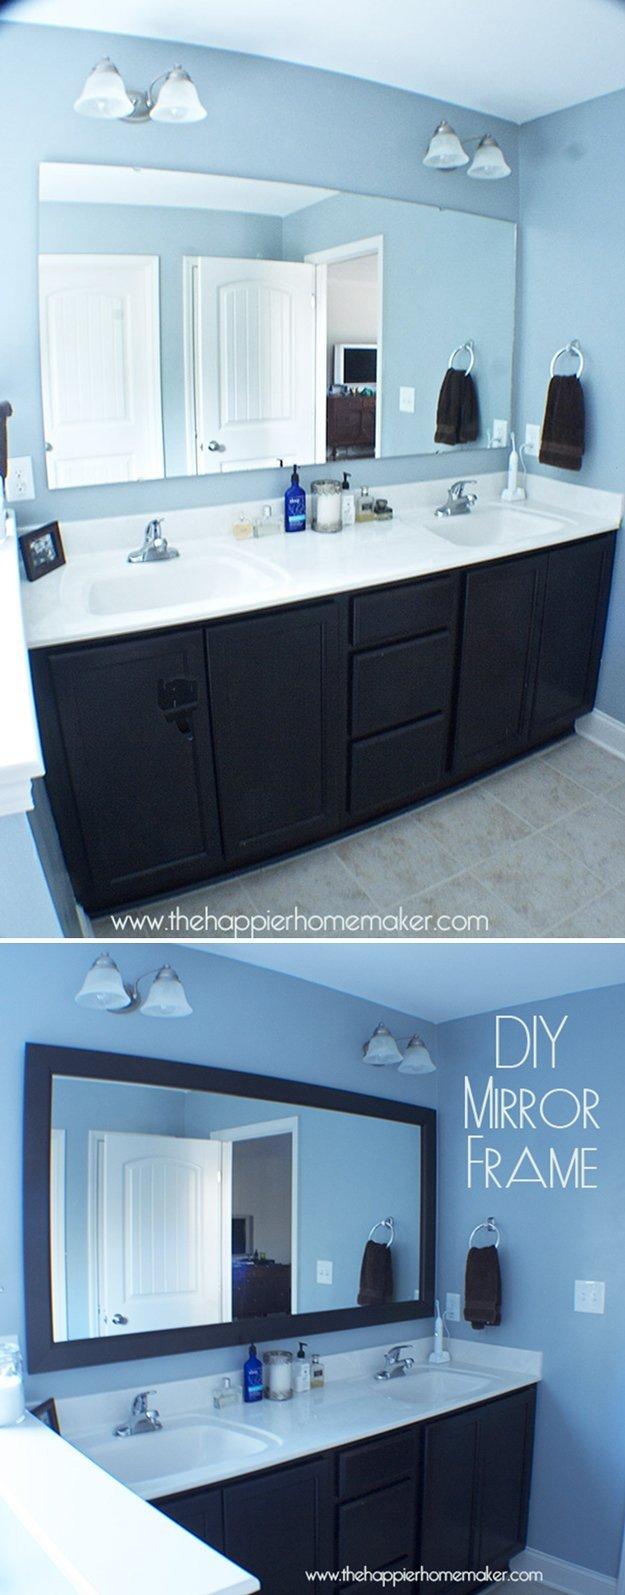 Bathroom Decor On A Budget Lovely Bathroom Decorating Ideas On A Bud Diy Ready